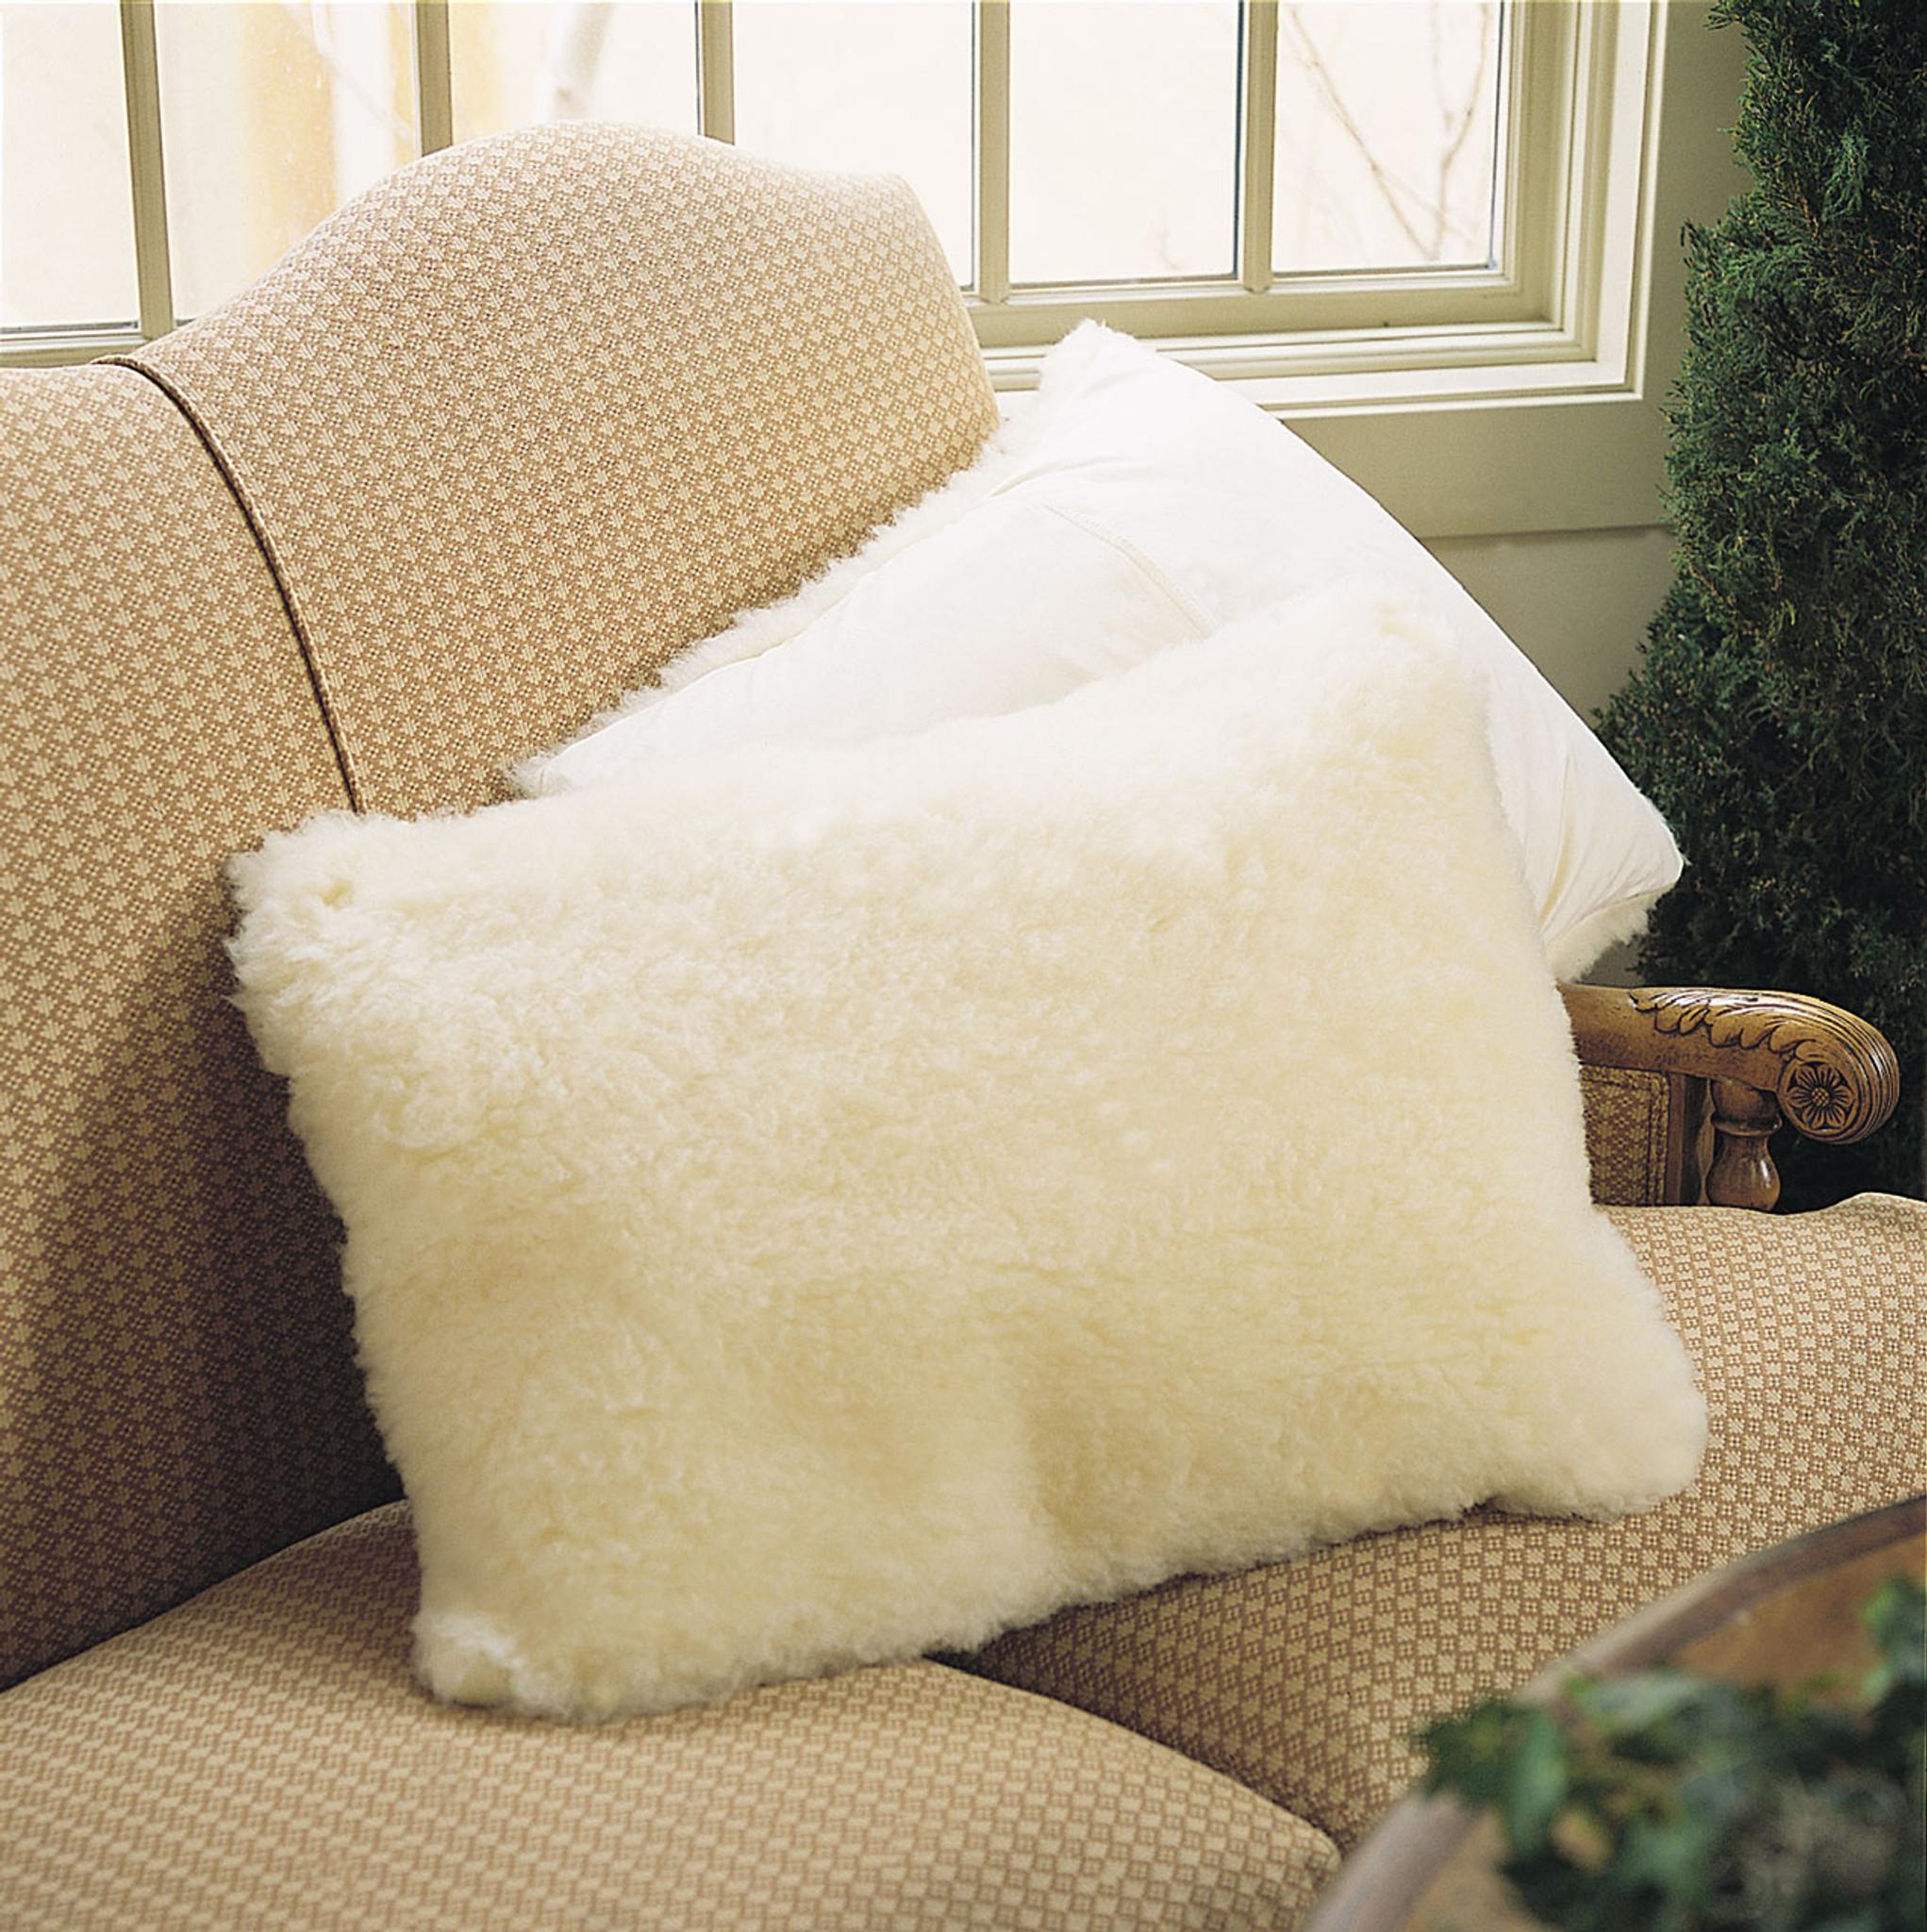 Snugsoft Deluxe Wool Pillow Sham Eartheasy Com